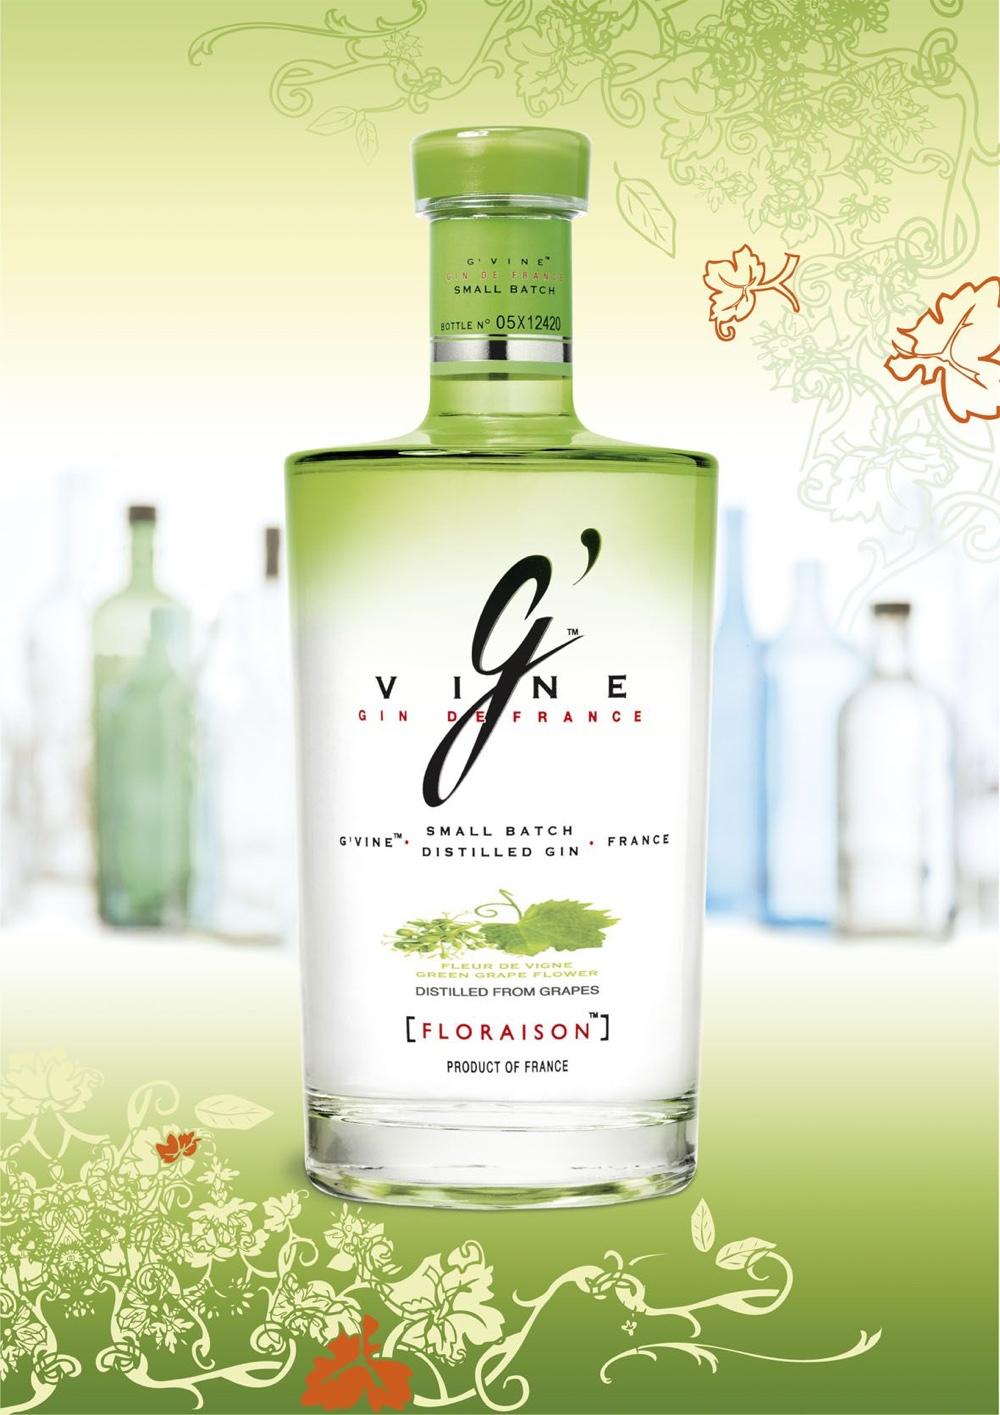 G'Vine obtiene la medalla de oro del Beverage Testing Institute de Chicago 2018